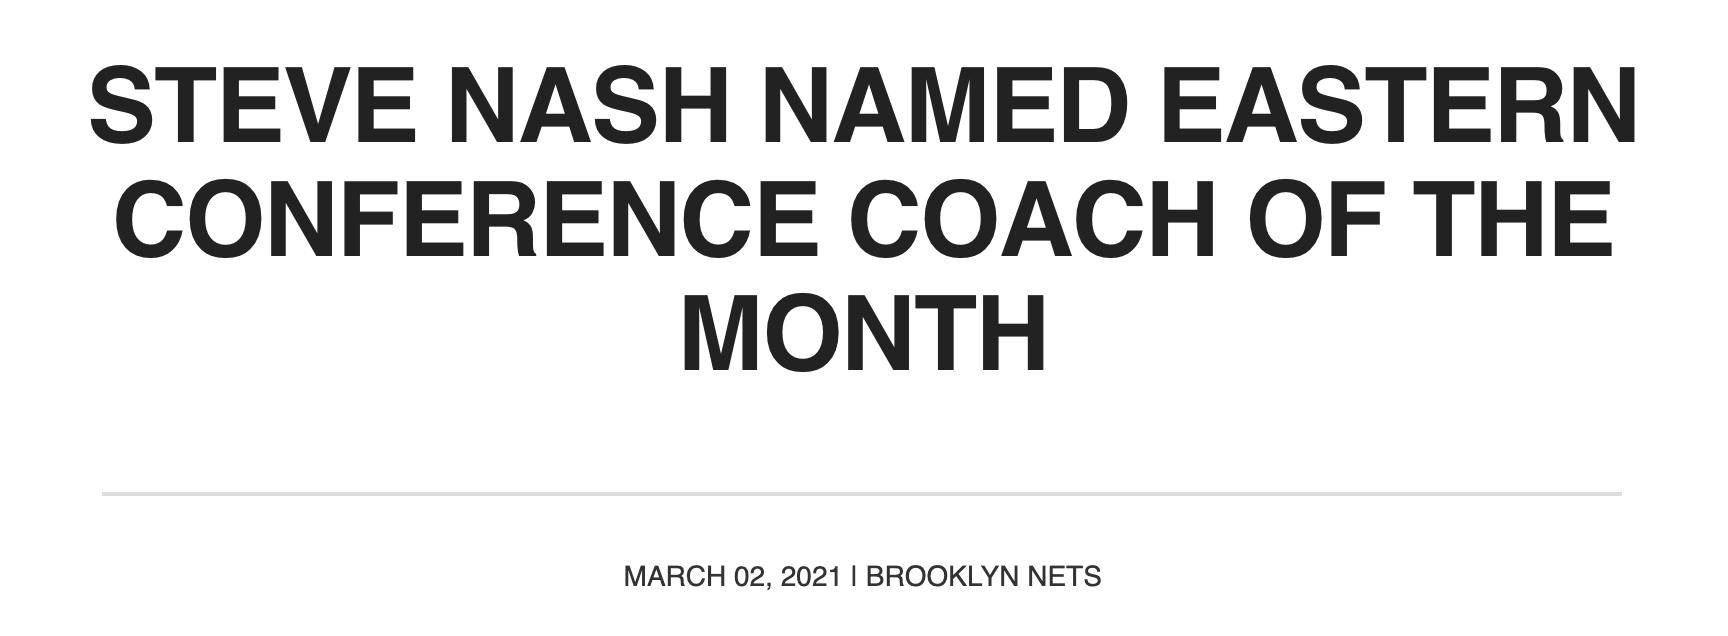 原创             篮网三喜临门!纳什当选月最佳教练,哈登获月最佳+火箭老板承诺